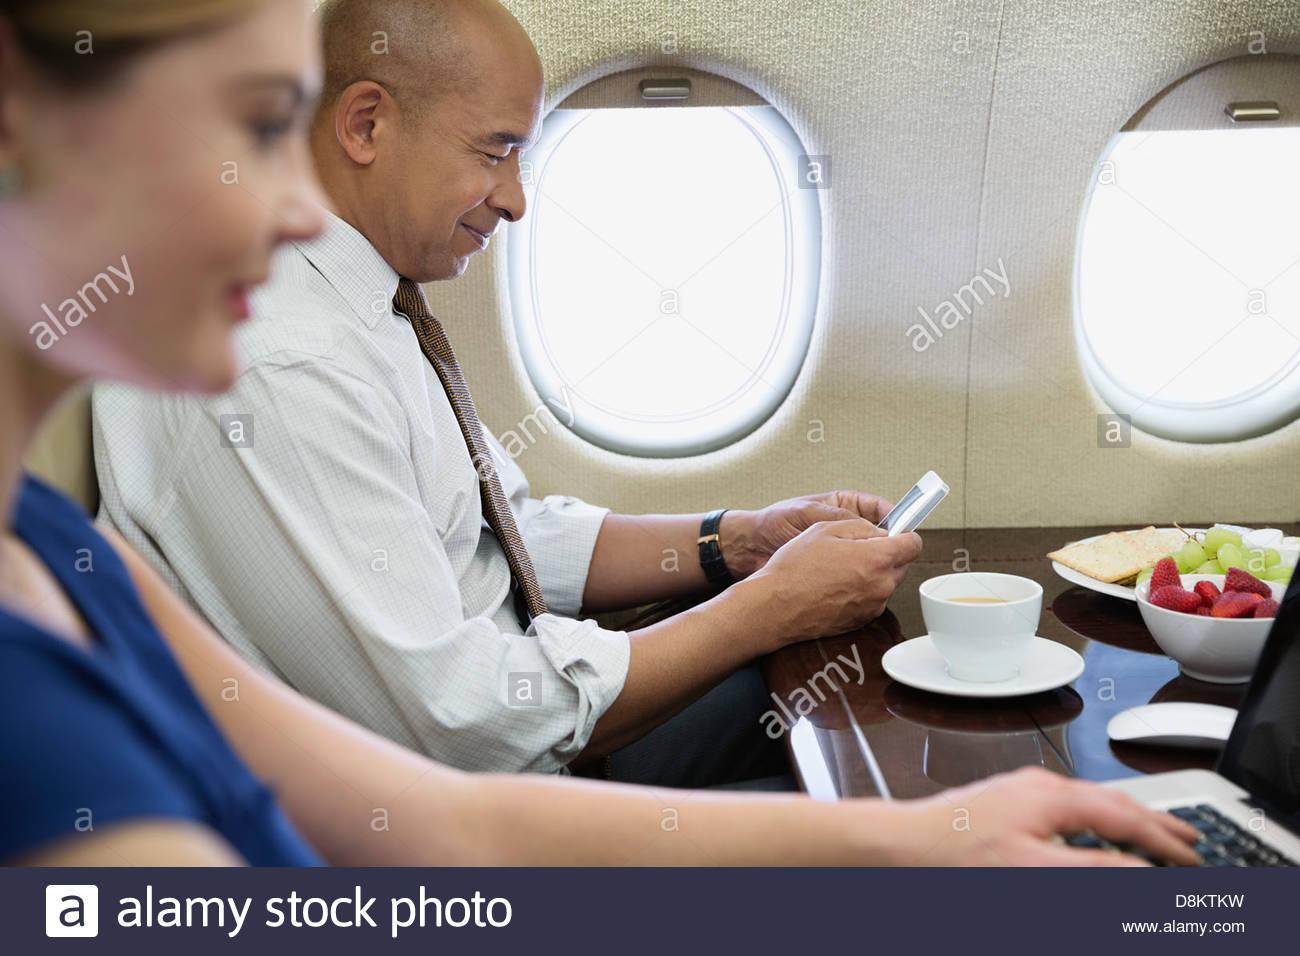 Colleghi di lavoro utilizzando la tecnologia in aereo Immagini Stock